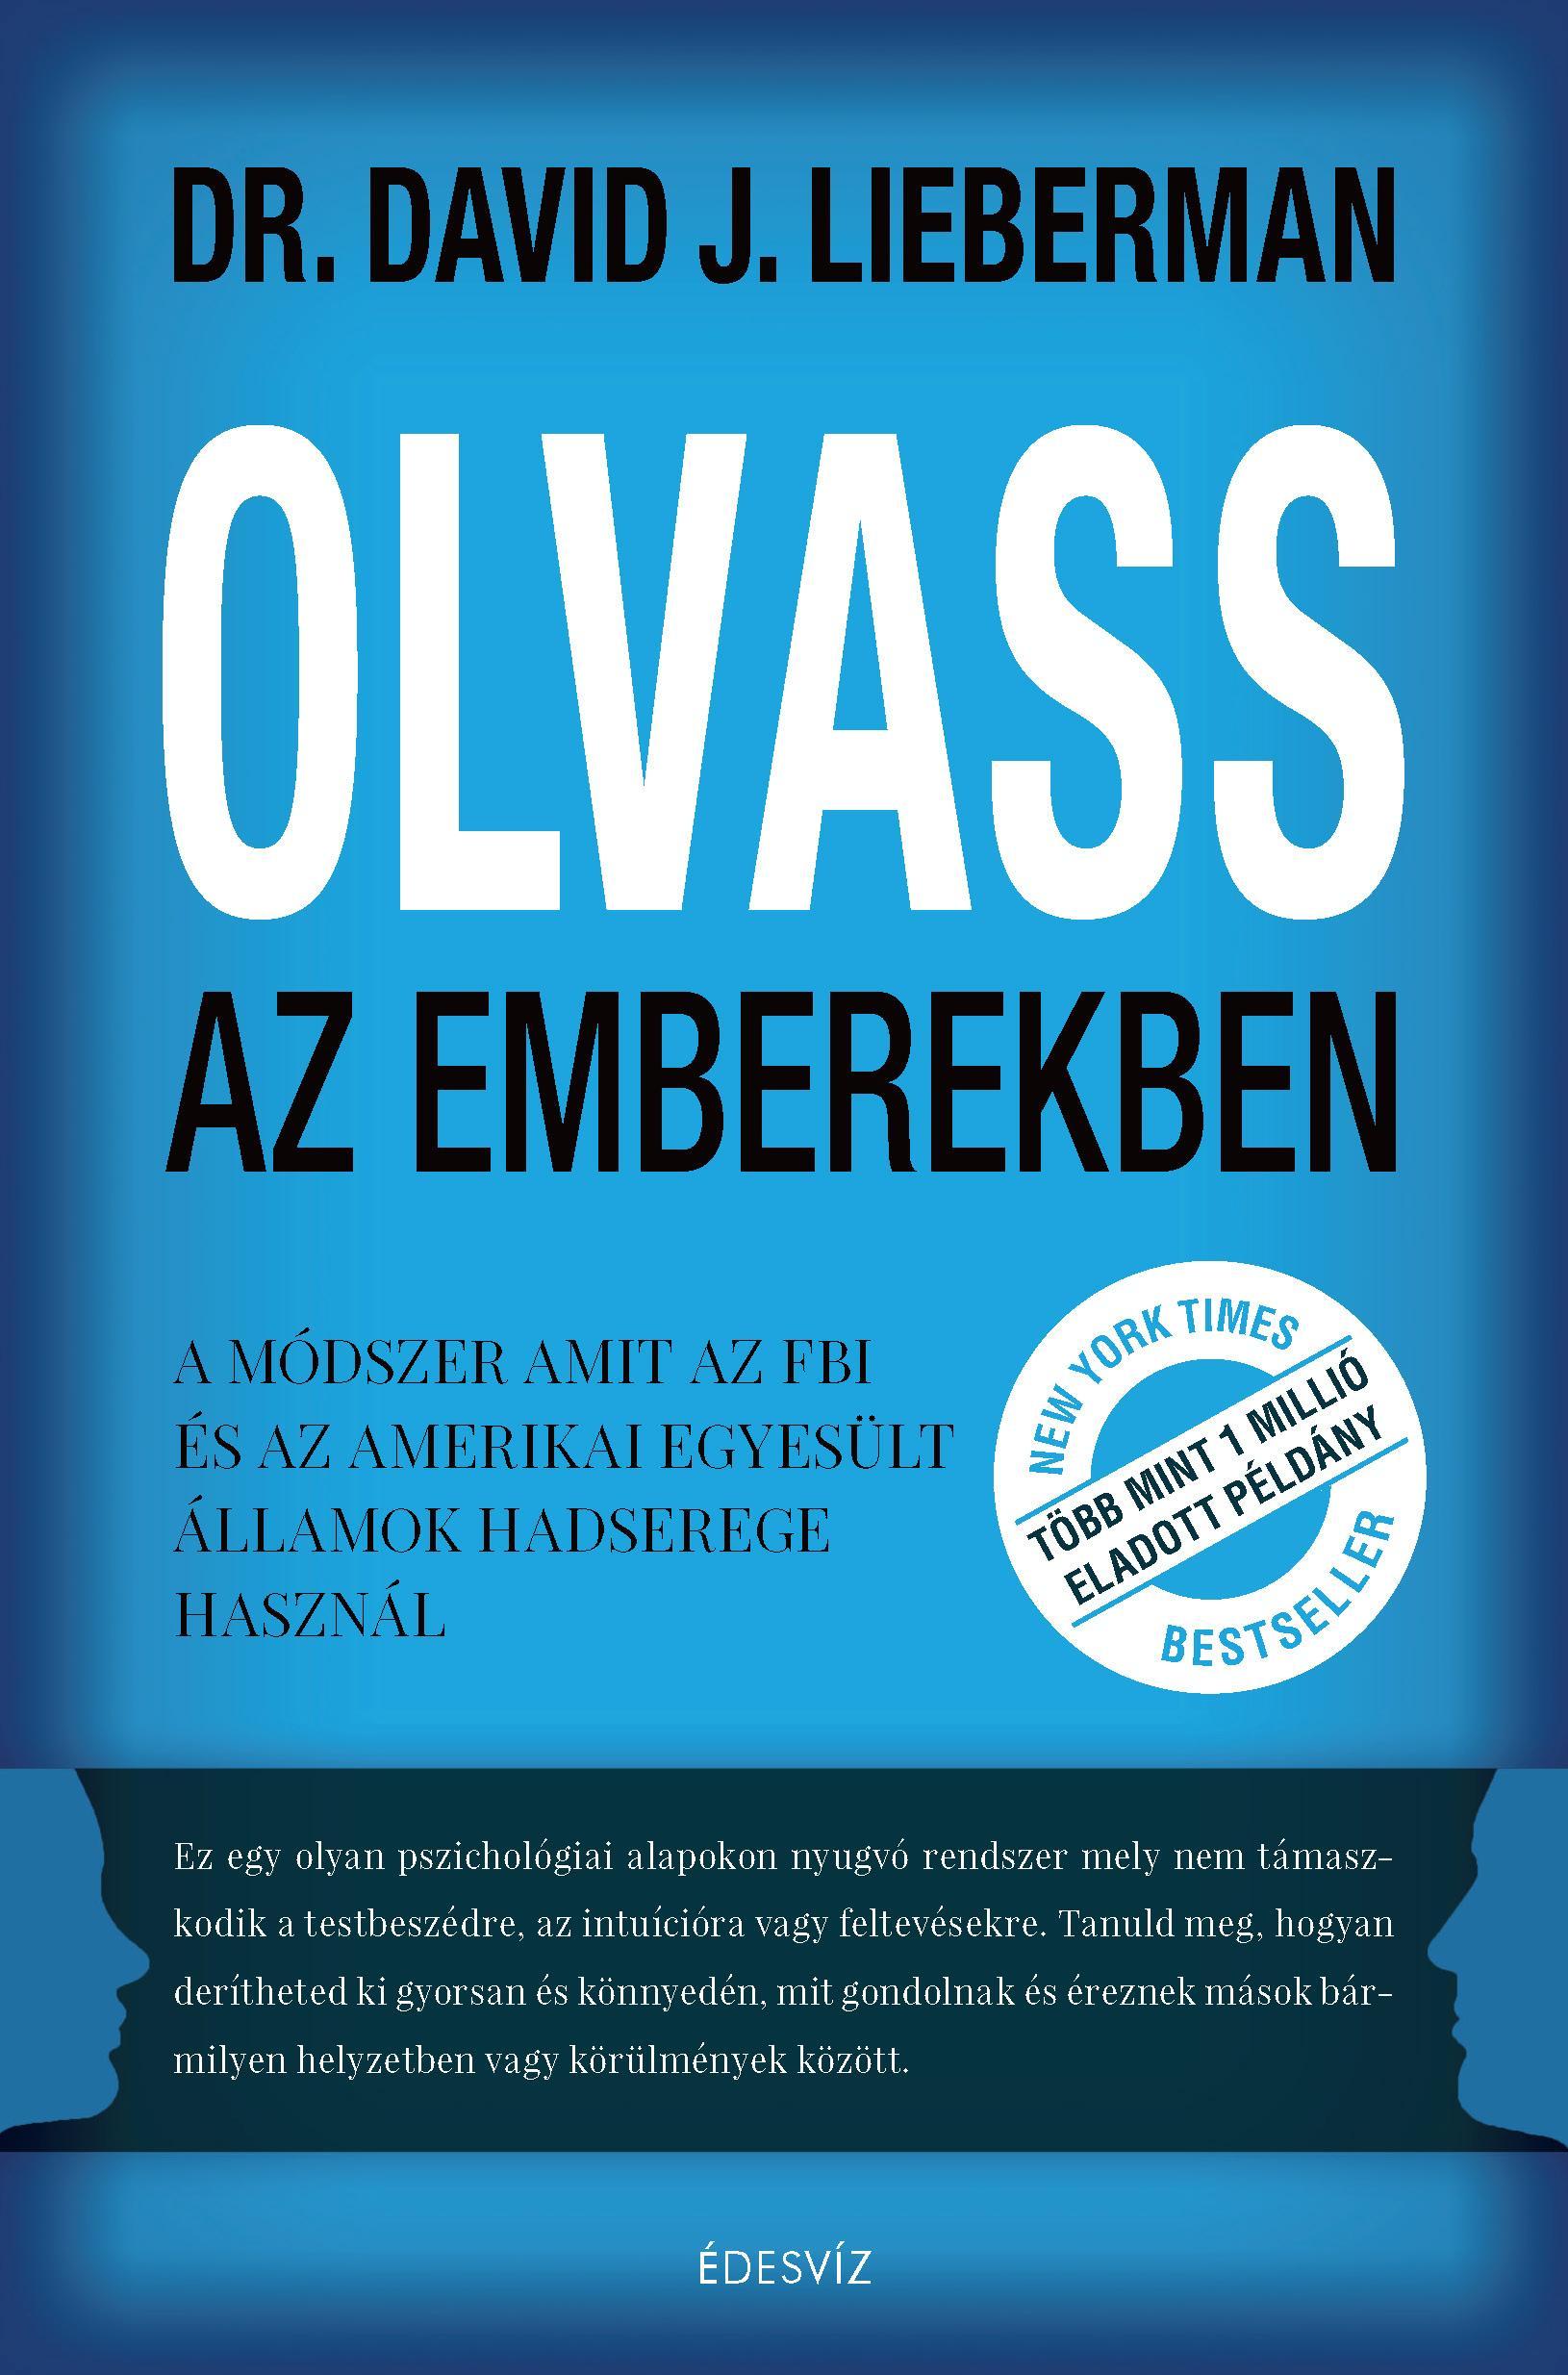 OLVASS AZ EMBEREKBEN